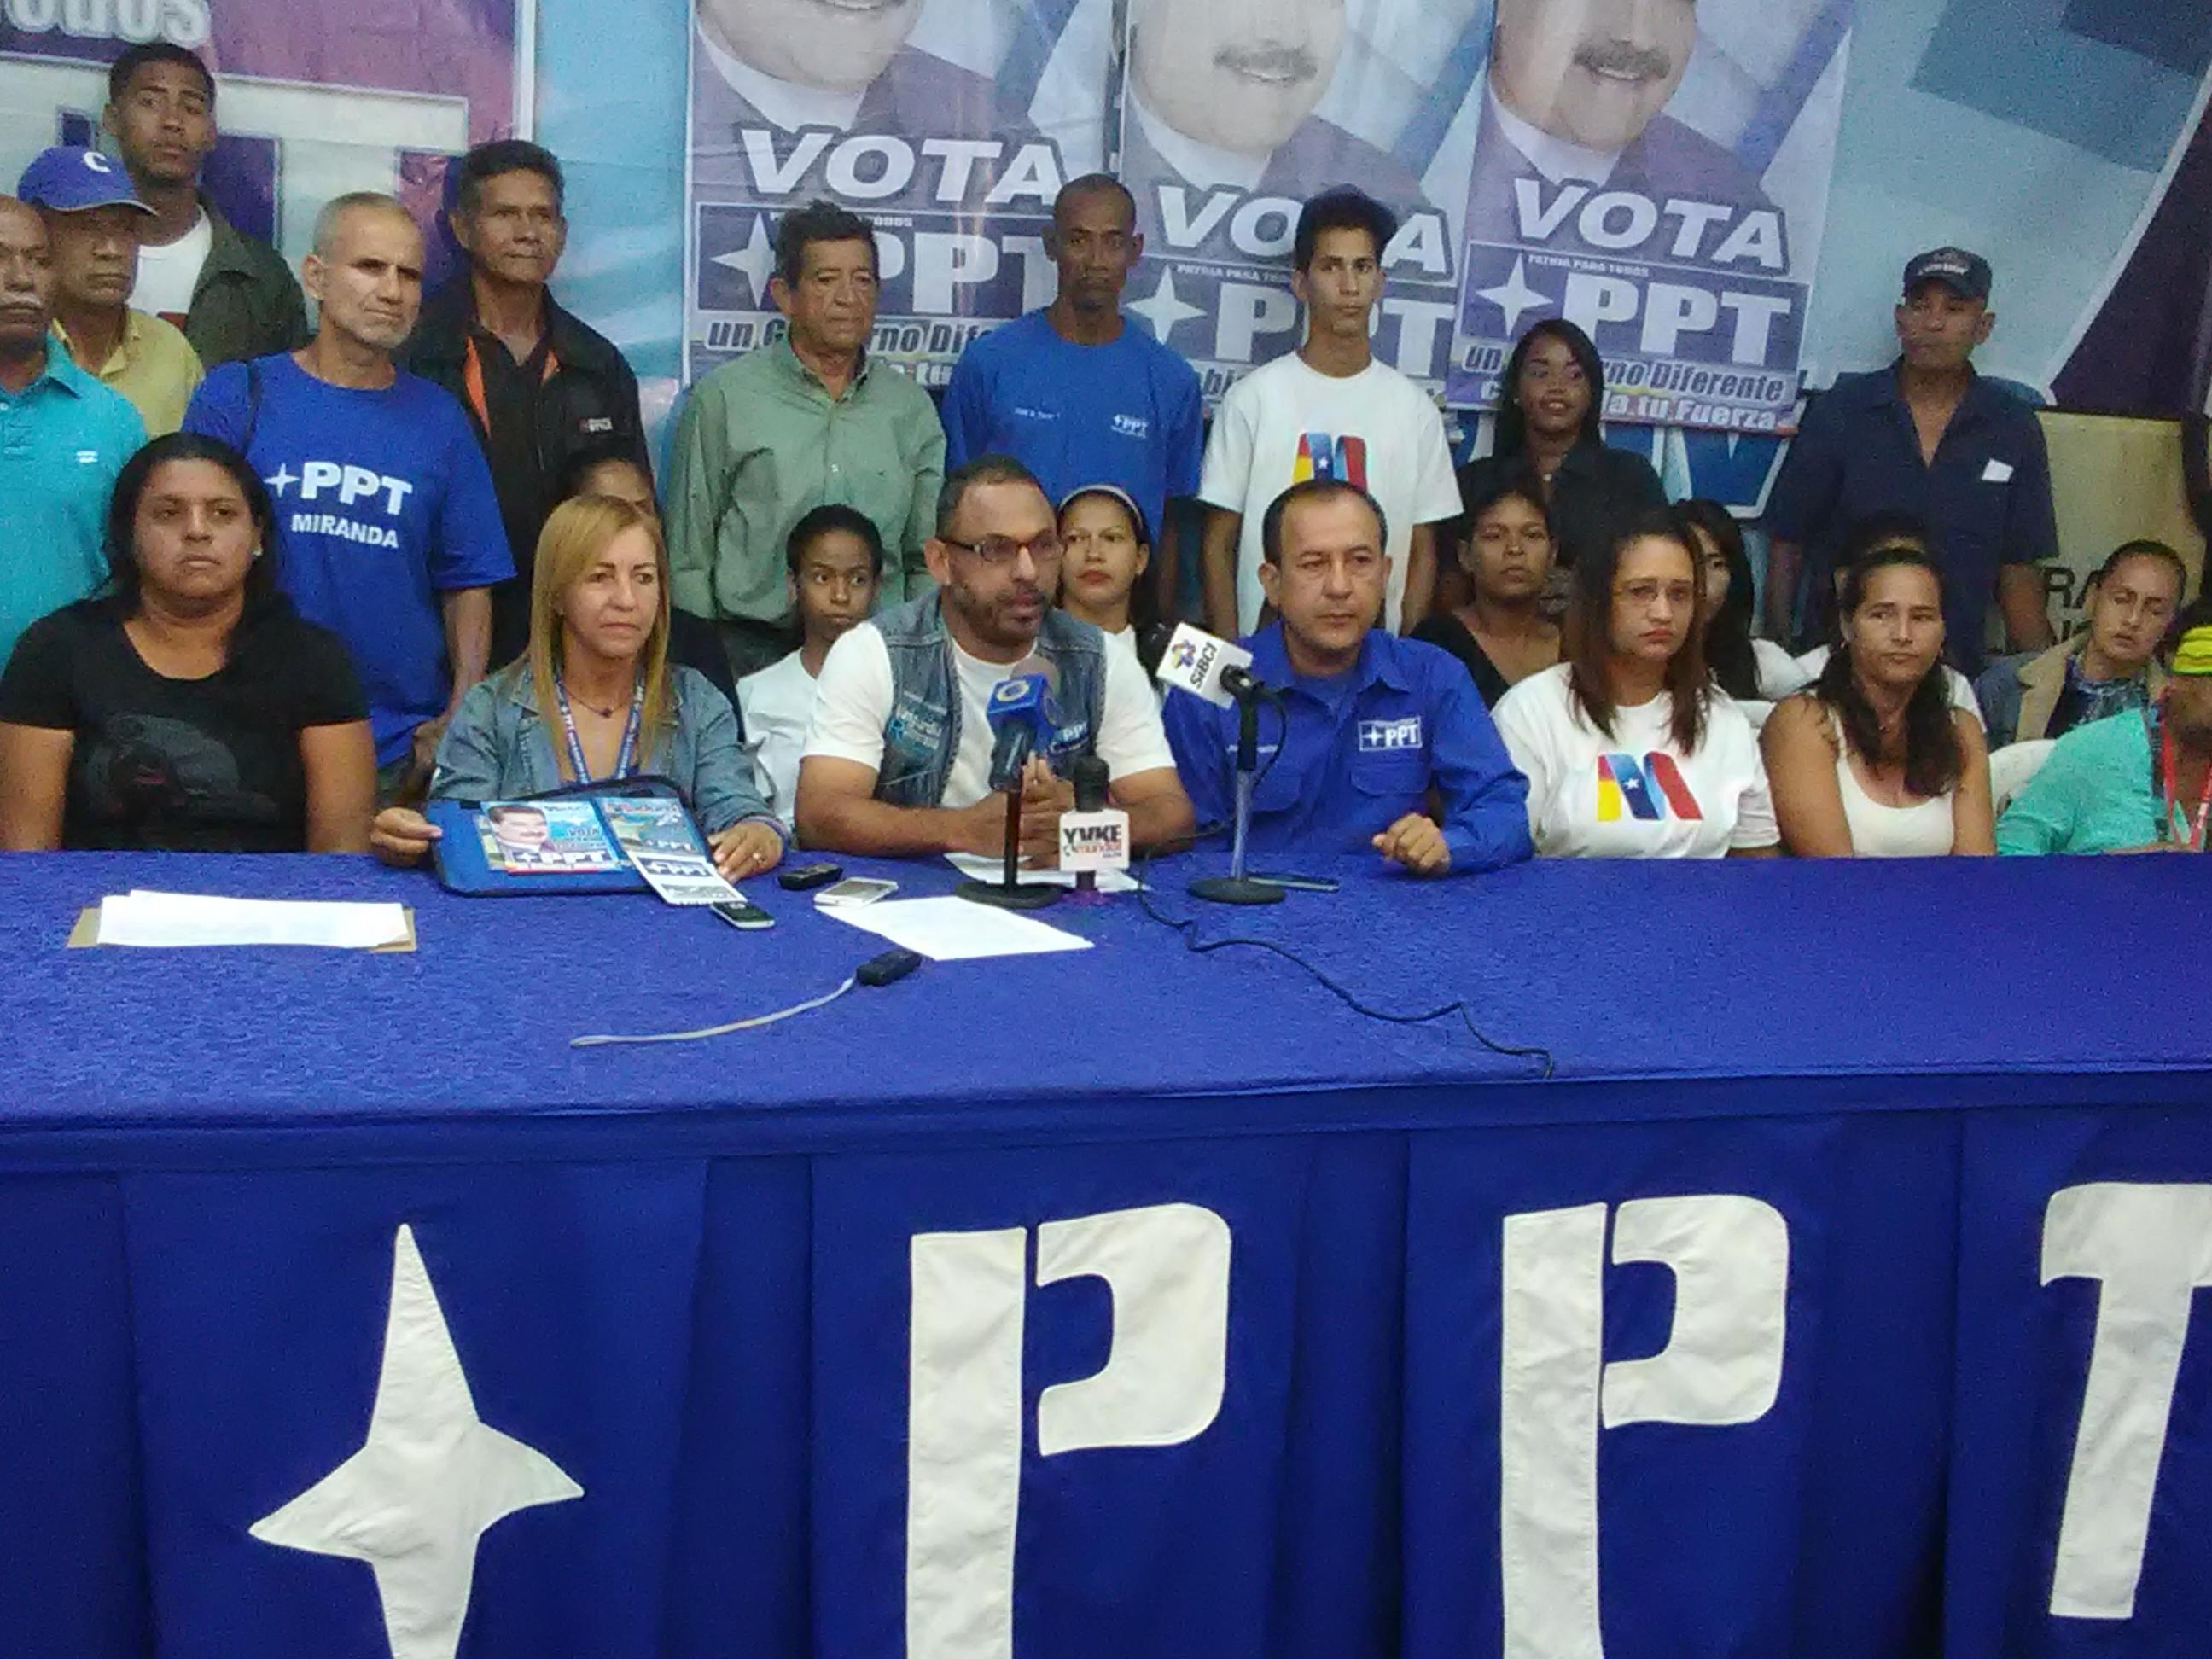 Partido de izquierda venezolano rechazó los ataques foráneos contra del país